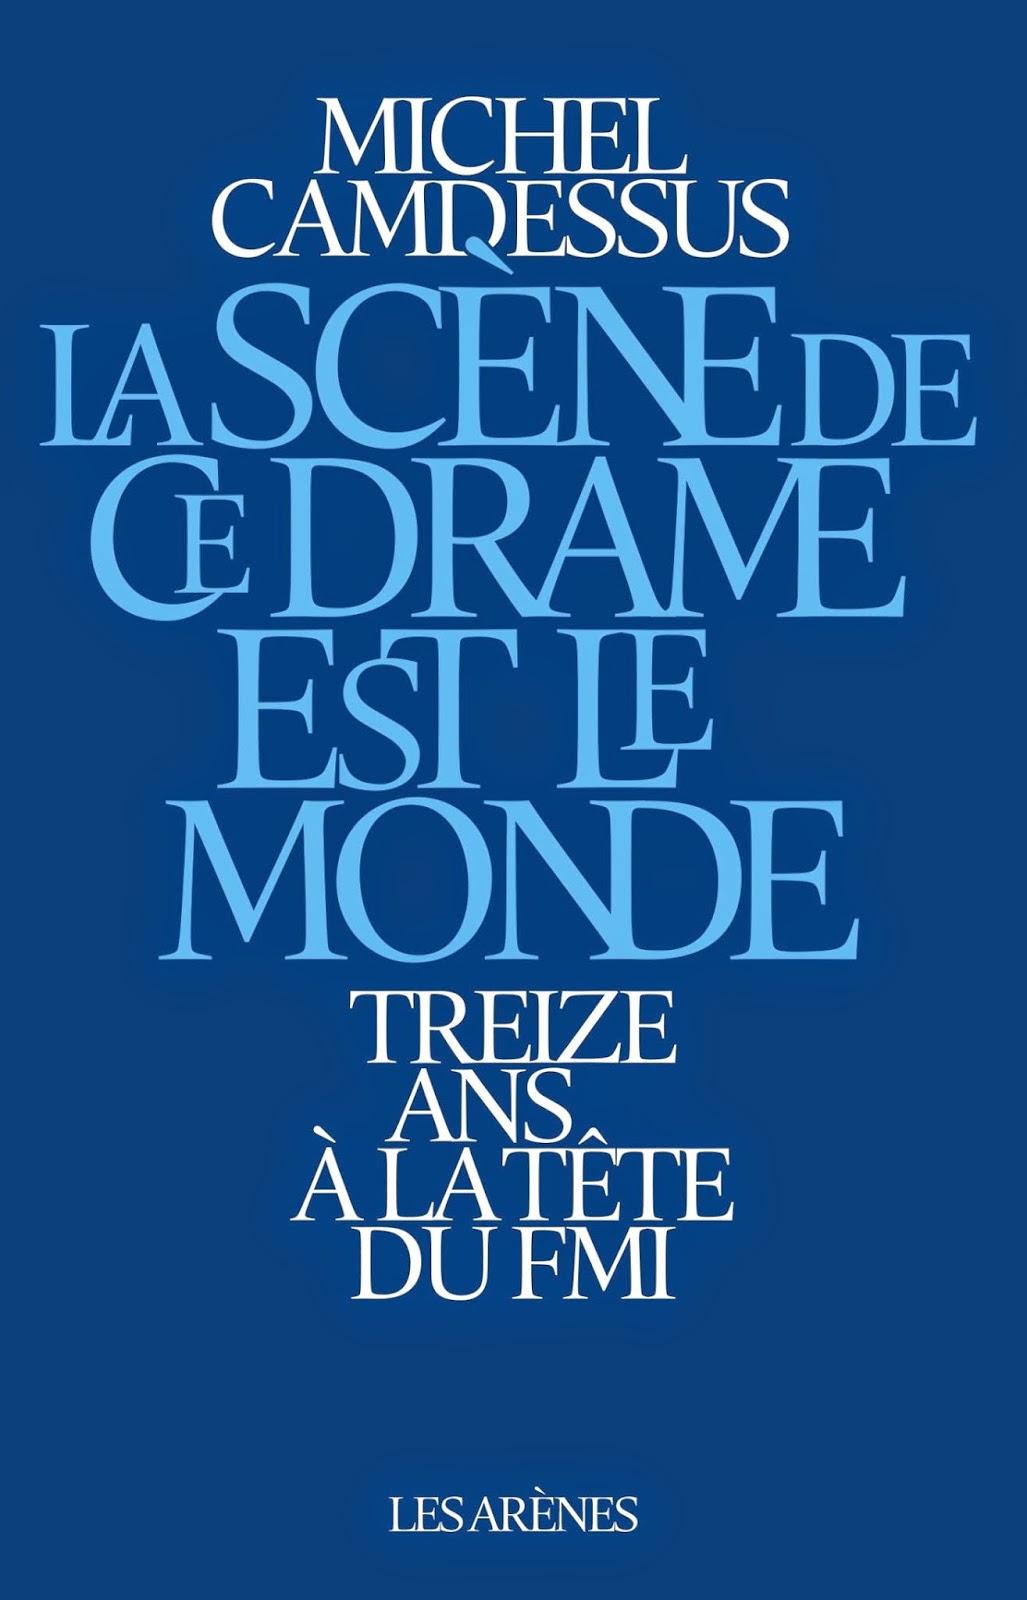 michel-camdessus-la-scene-de-ce-drame-est-le-monde-_-treize-ans-a-la-tete-du-fmi-les-arenes